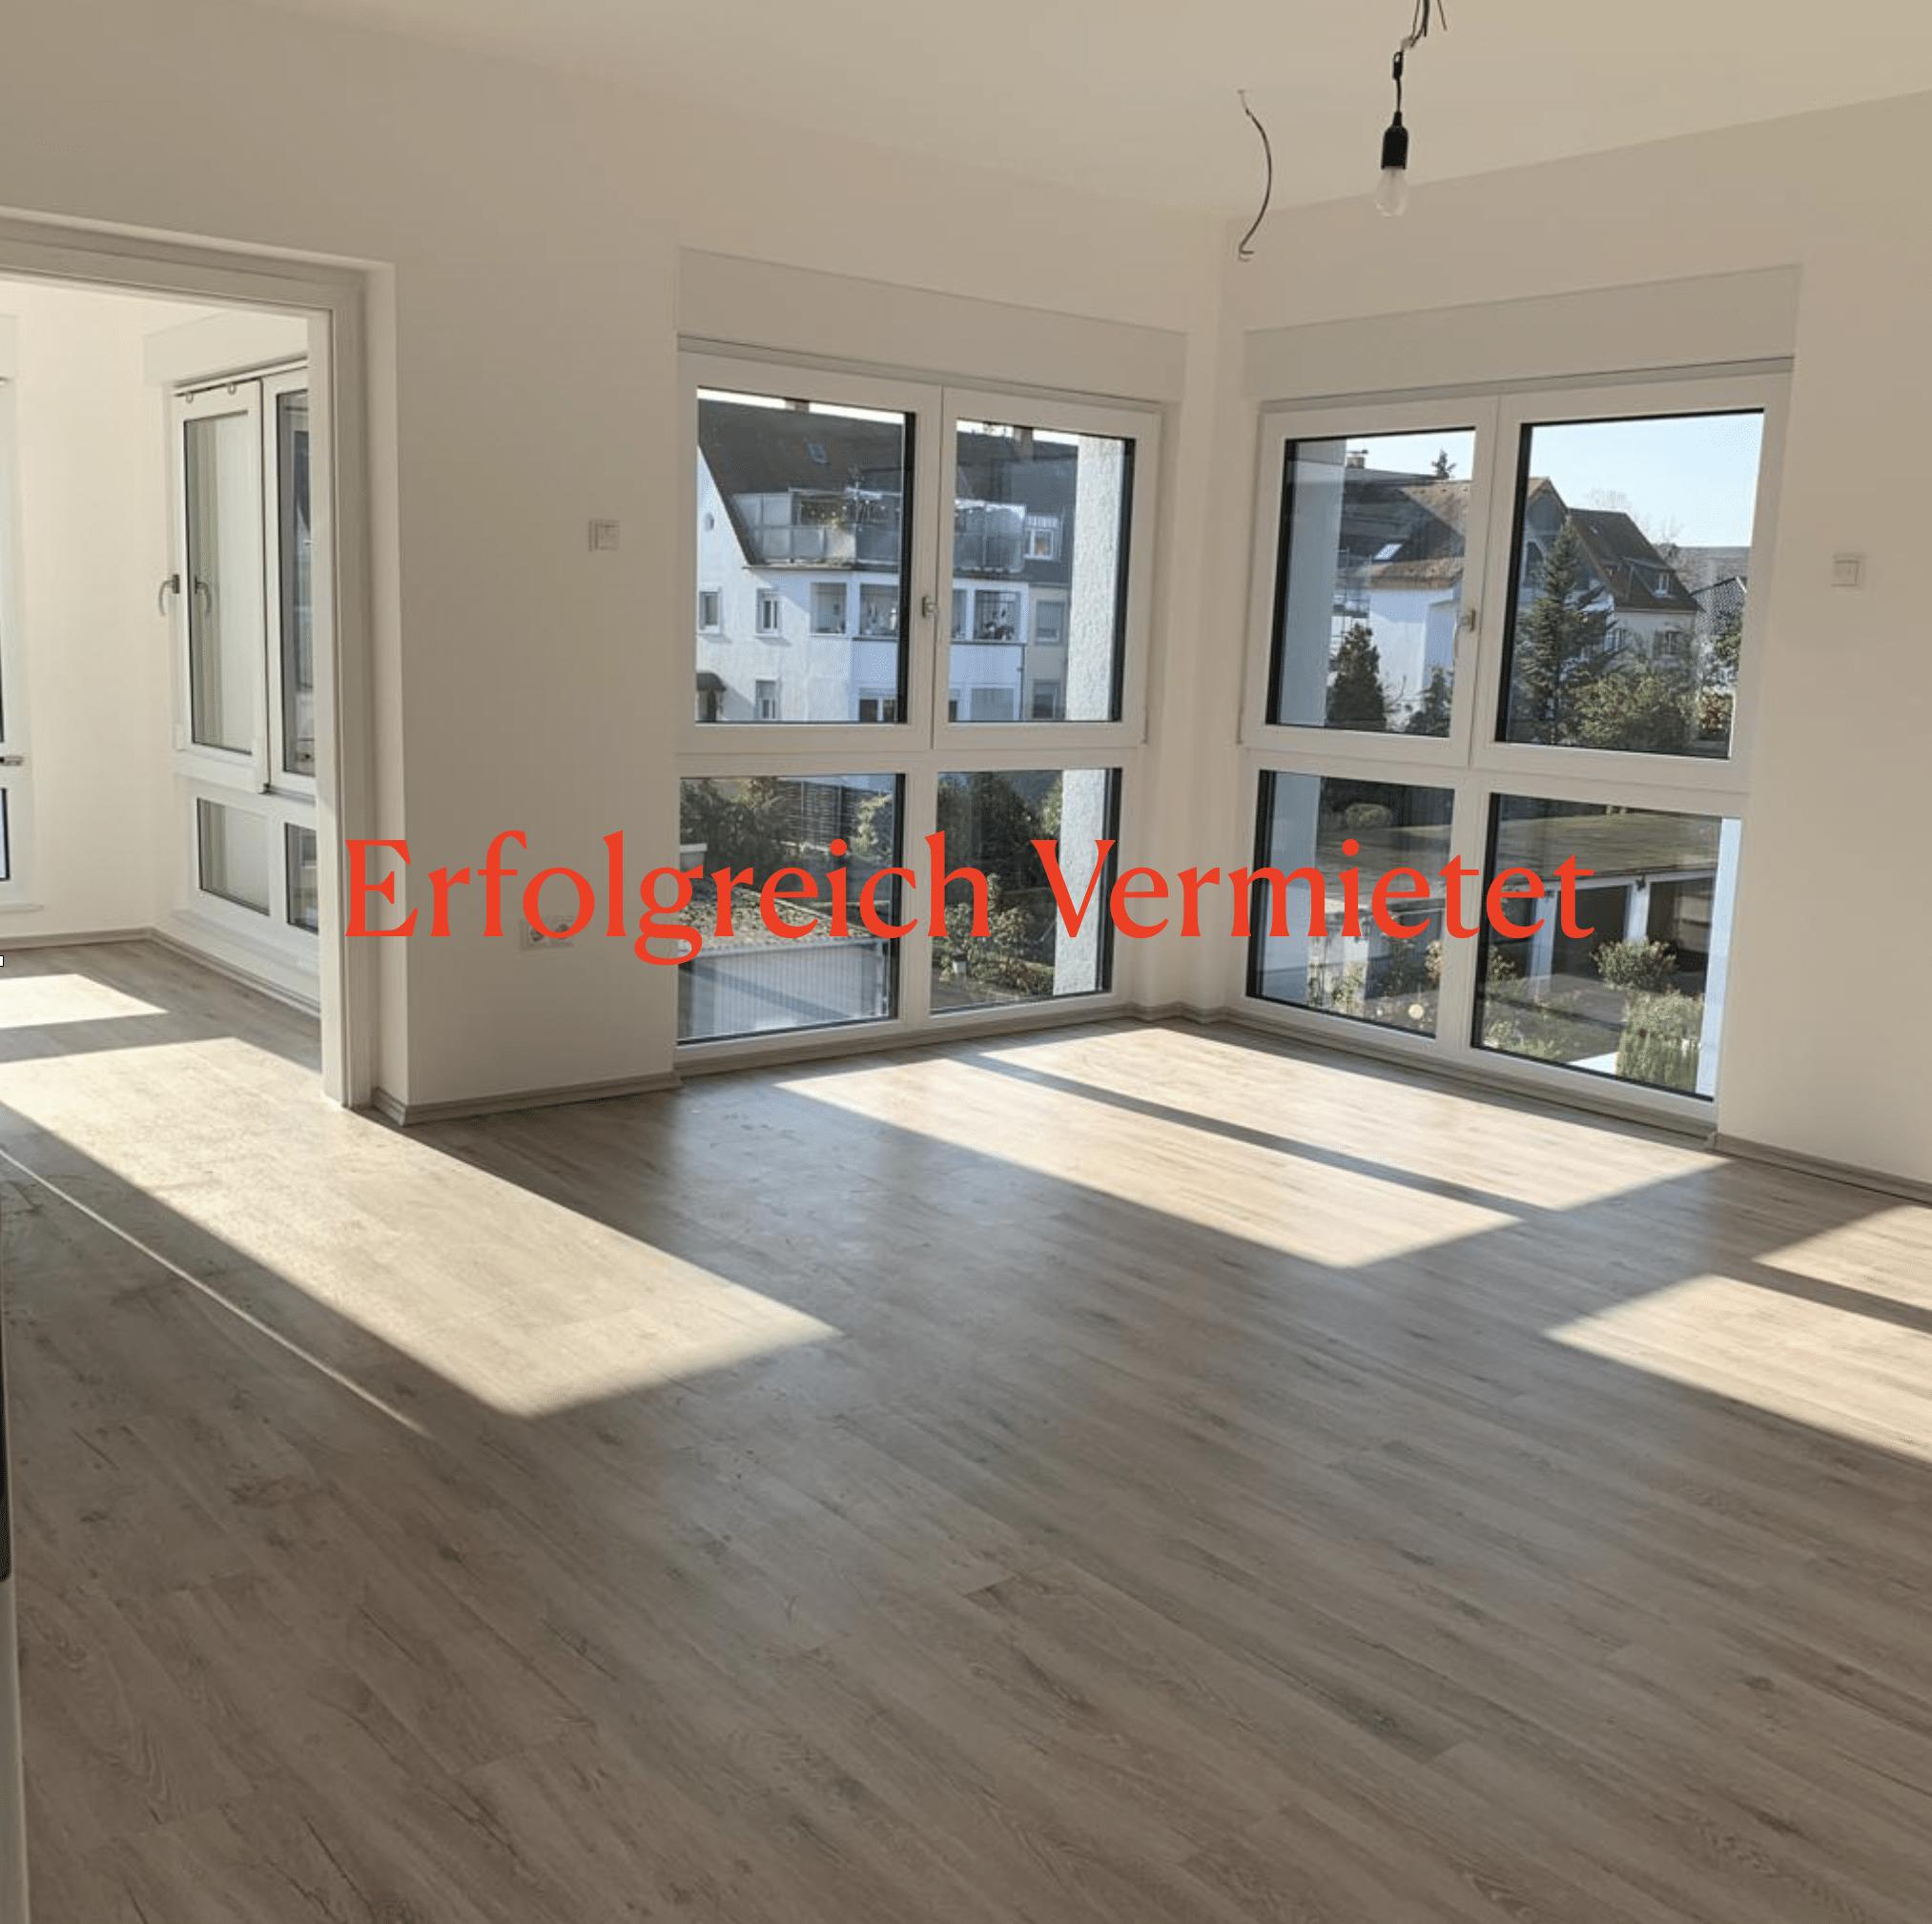 Pohl-Immobilien-immobilienmakler-mannheim-heidelberg